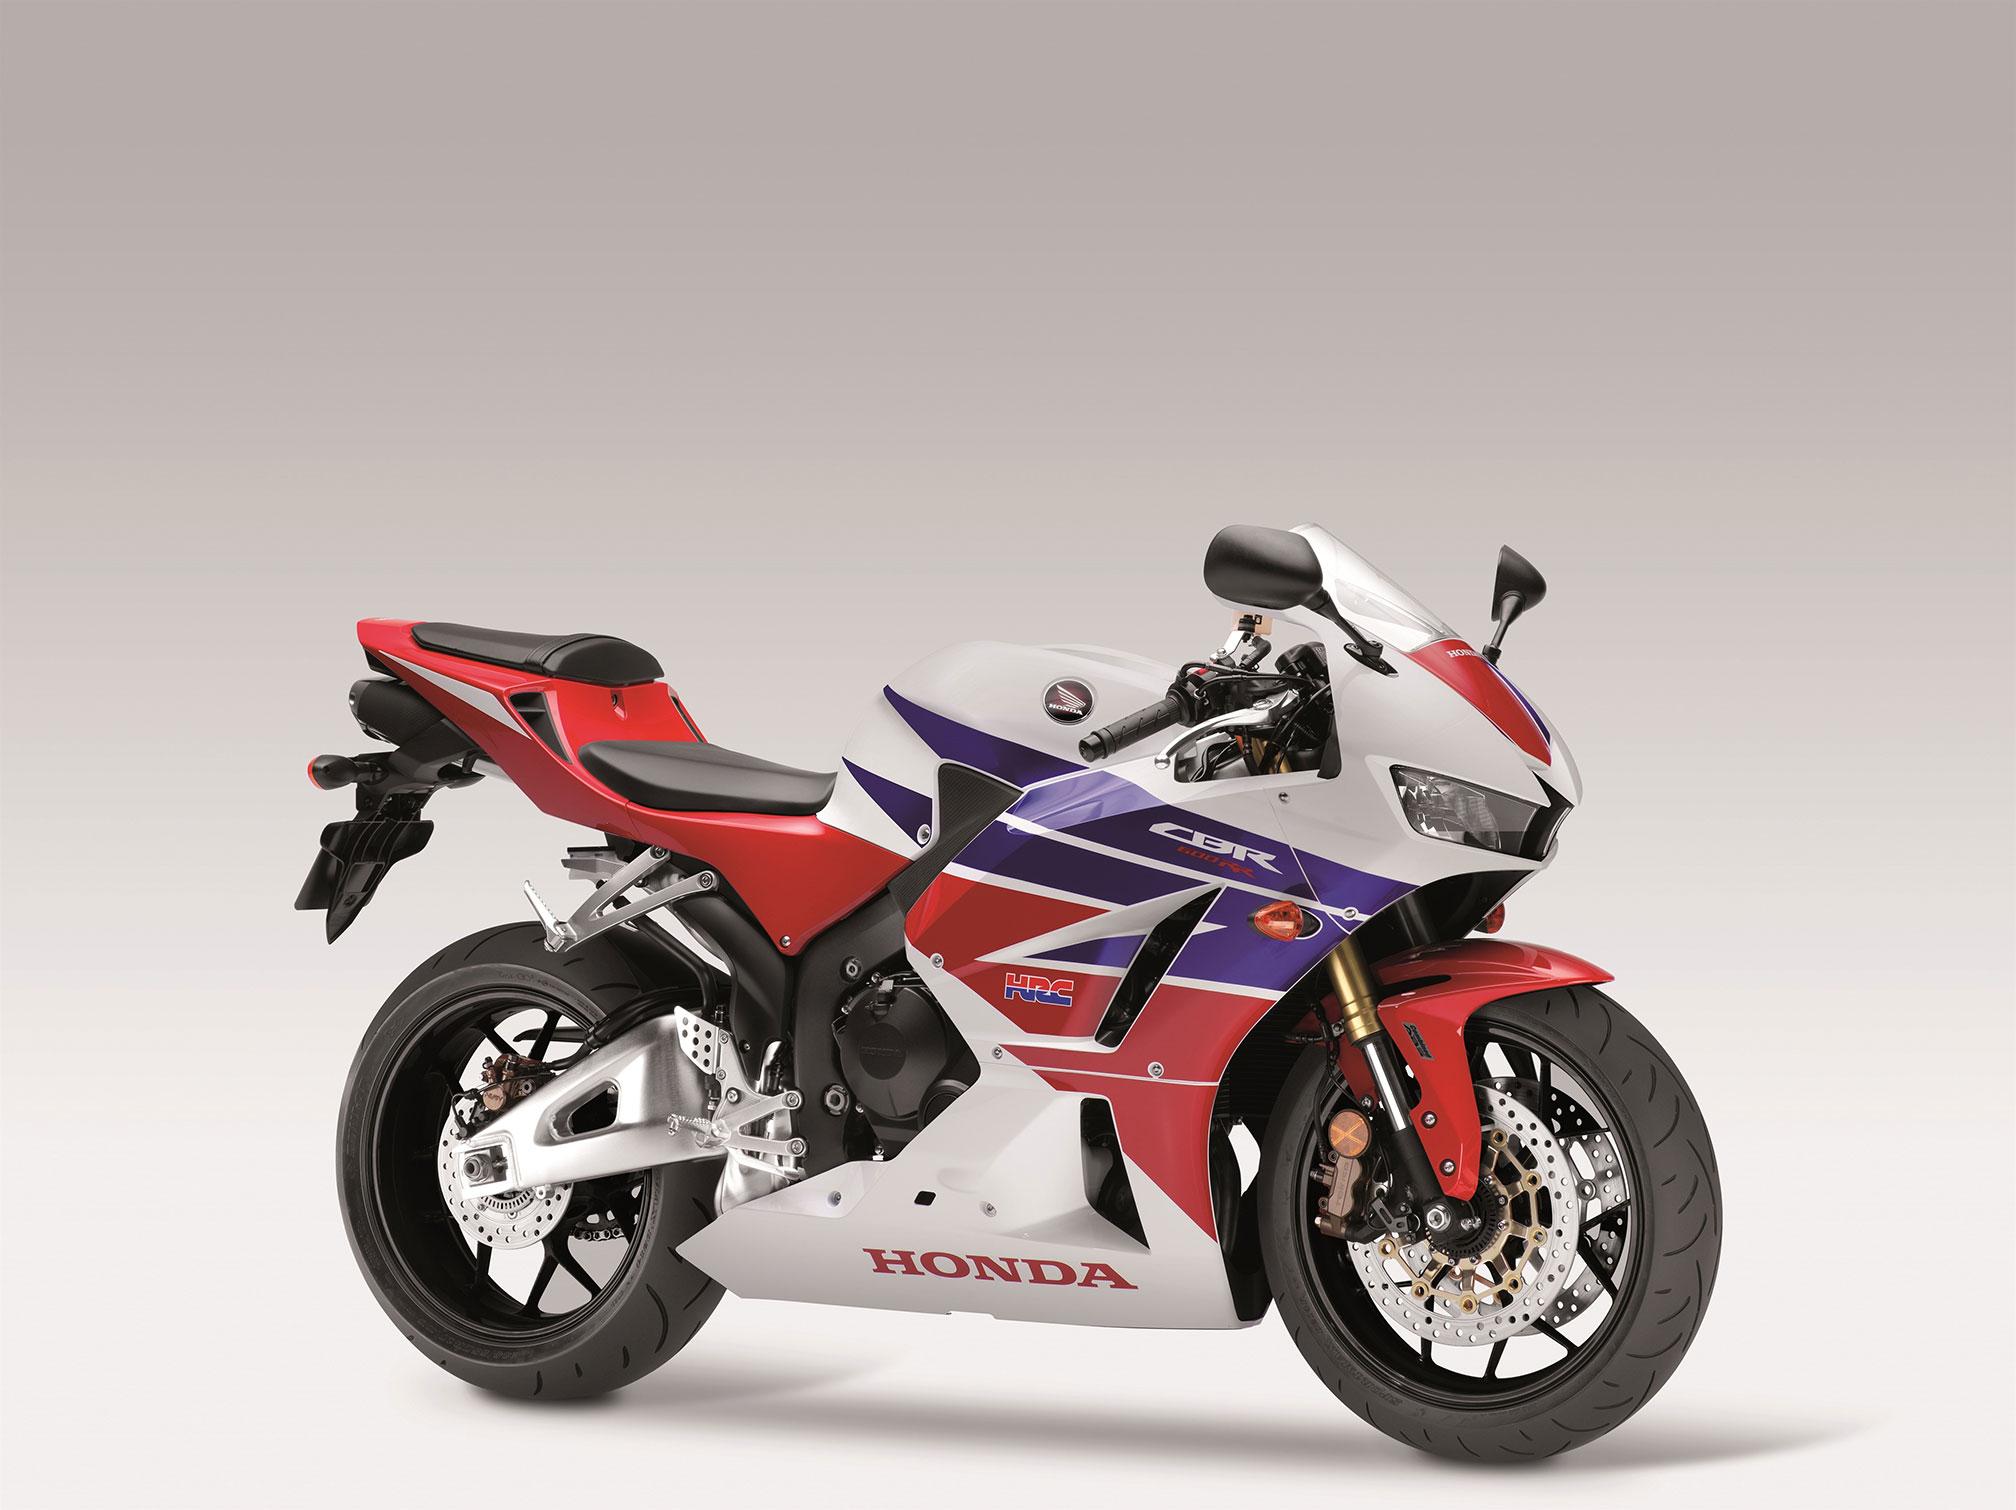 Honda CBR600RR 2